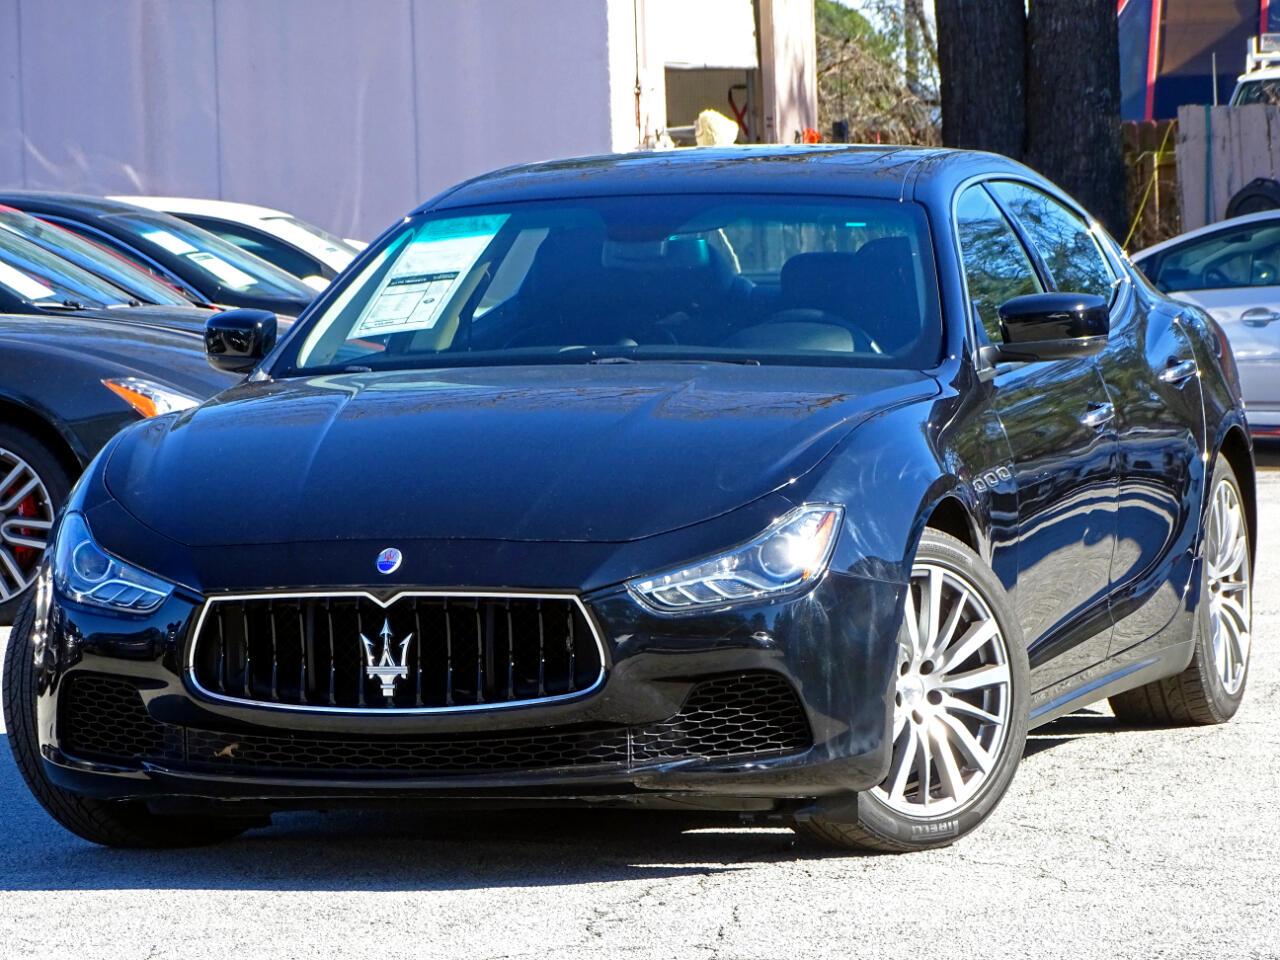 2015 Maserati Ghibli Luxury w/Navigation Back Up Camera